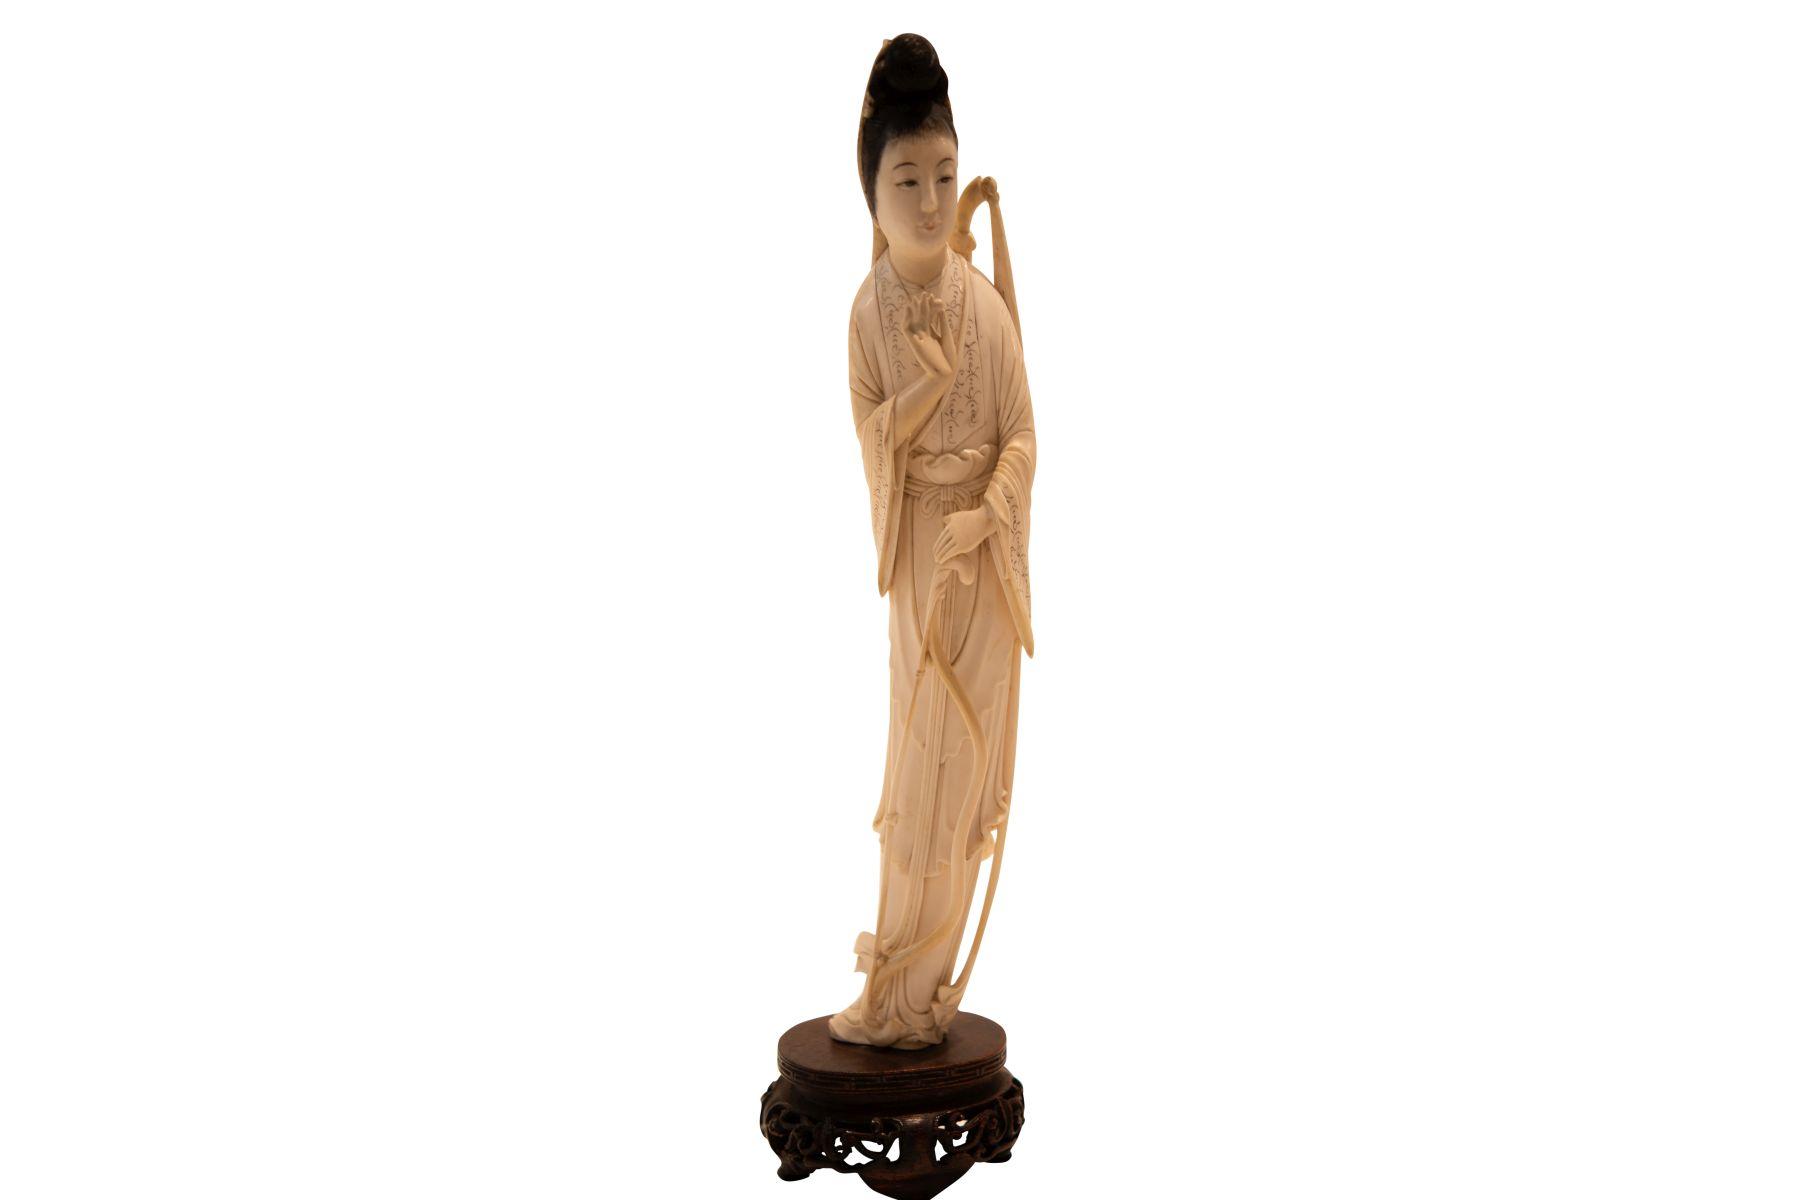 #86 Japanese Geisha Made of Ivory | Japanische Geisha aus Elfenbein Image